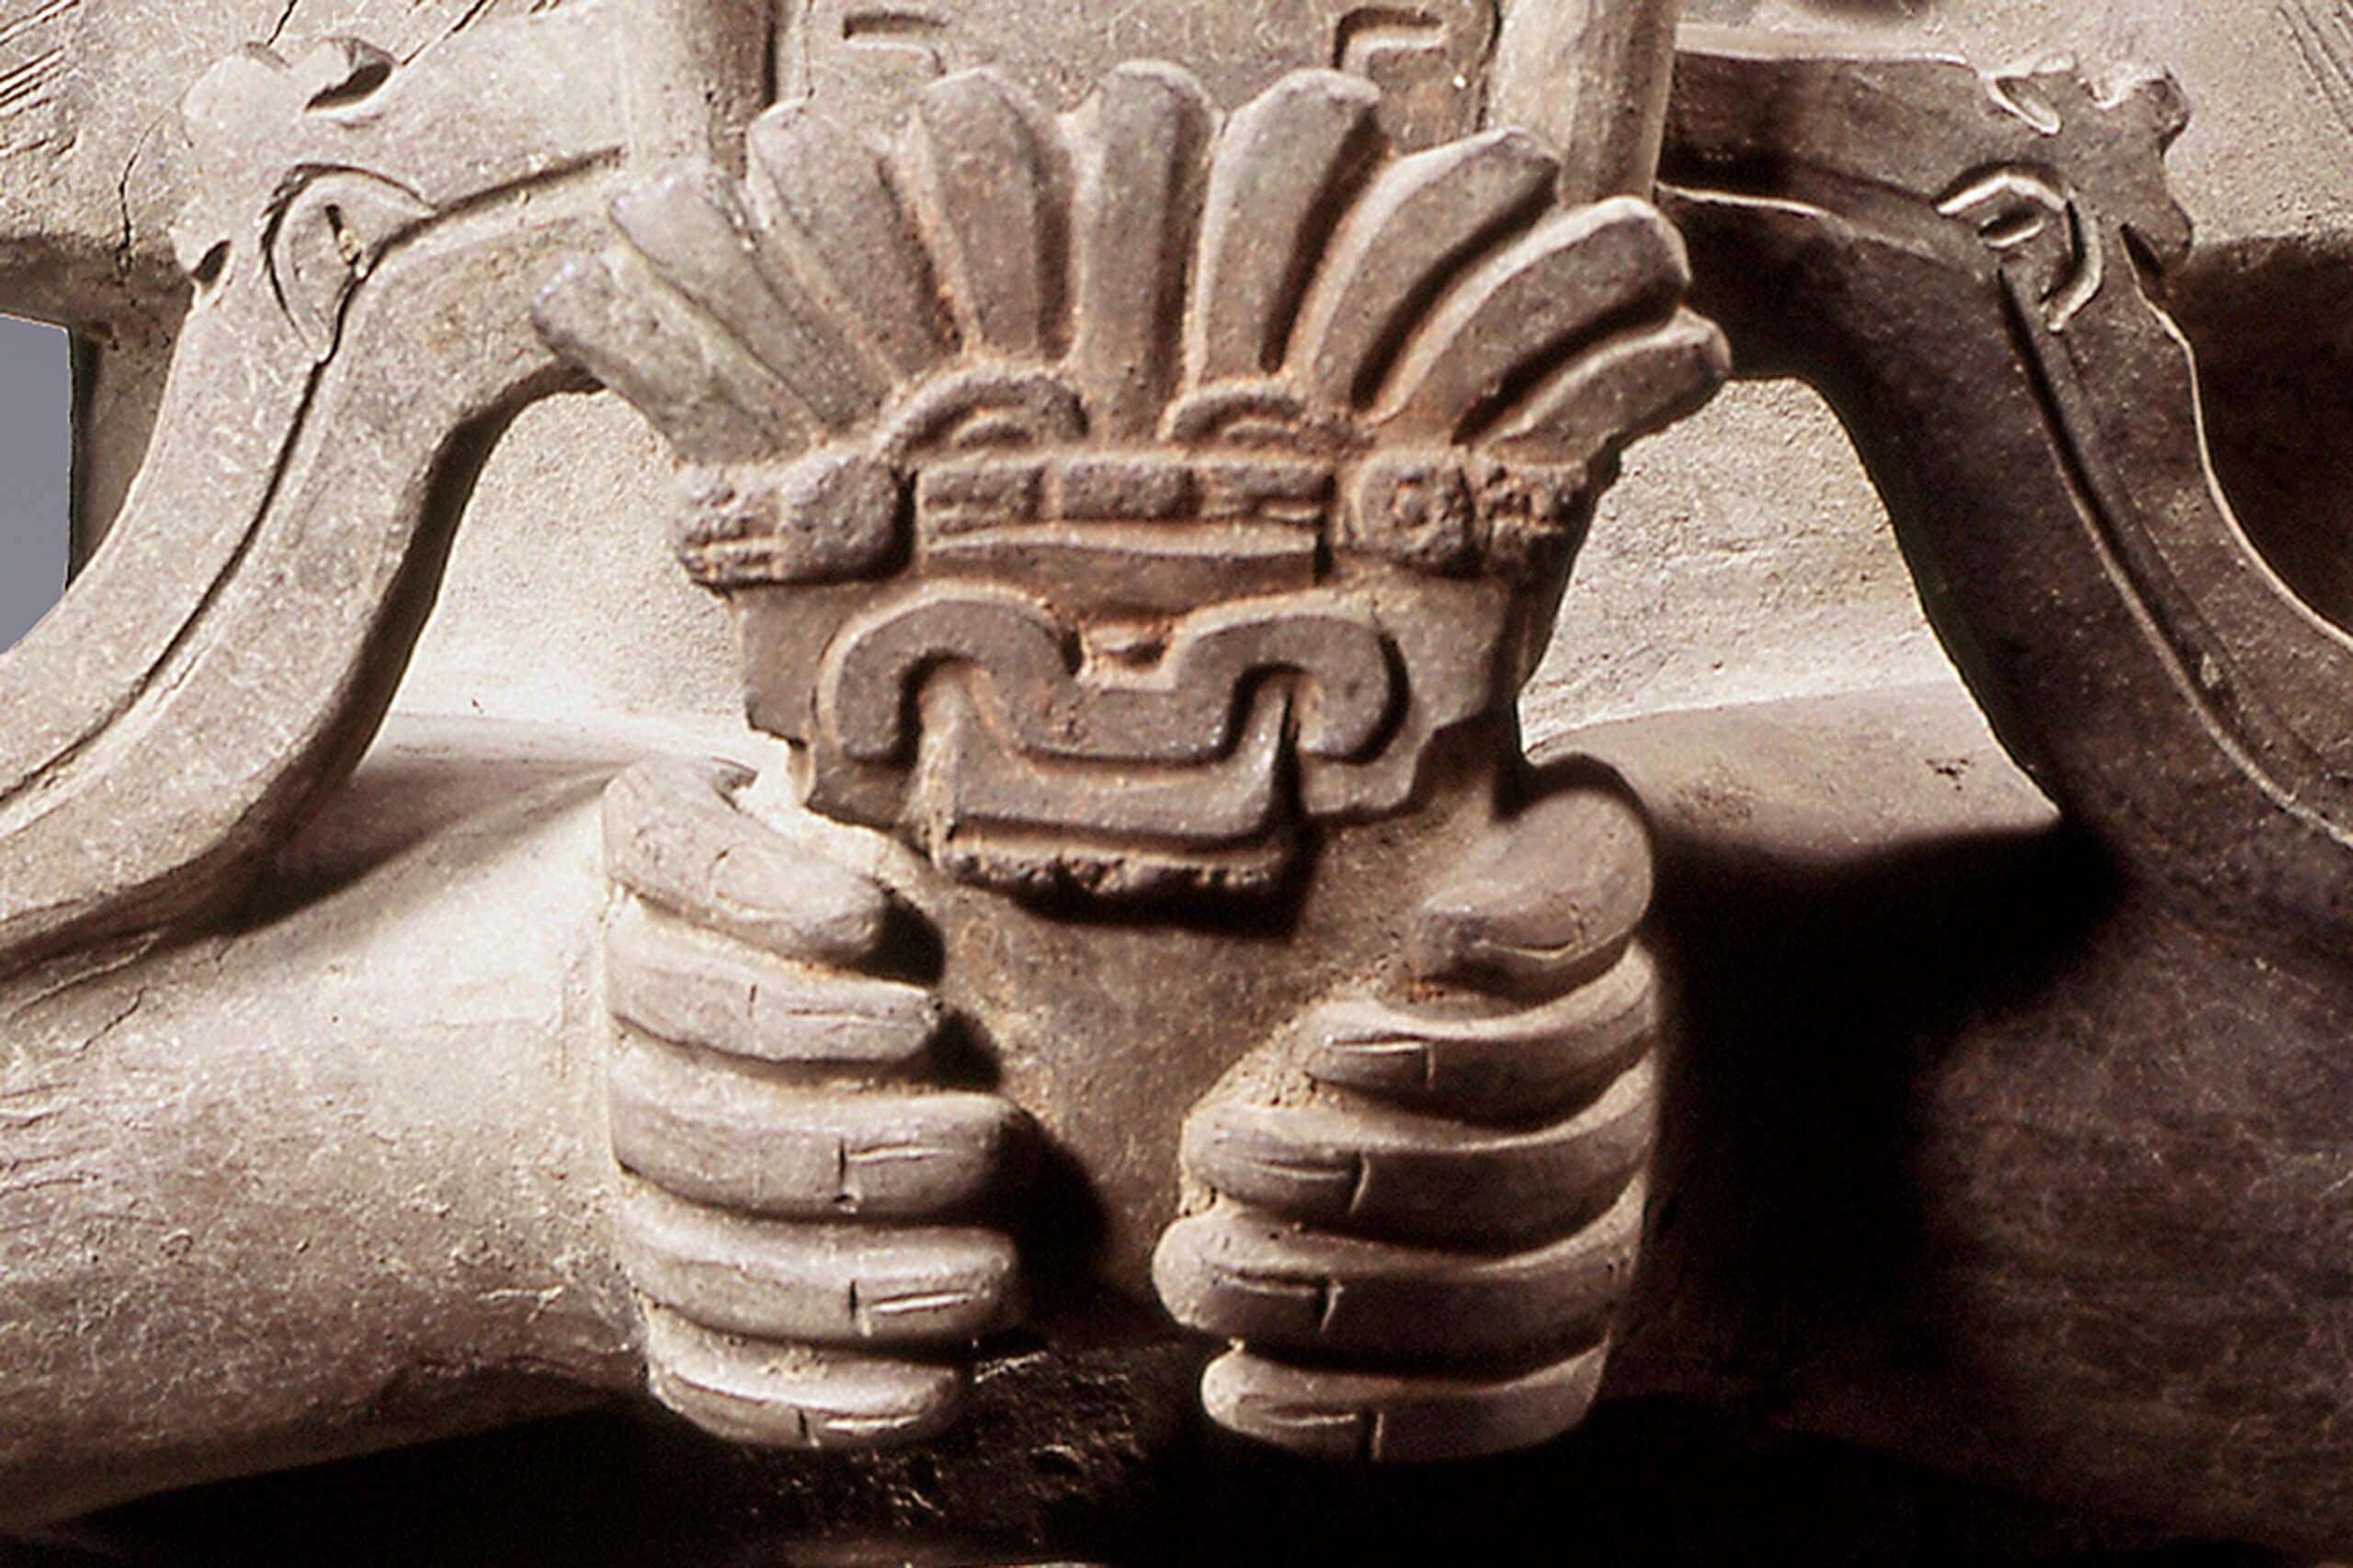 Escultura de barro de un dios zapoteco con elementos de